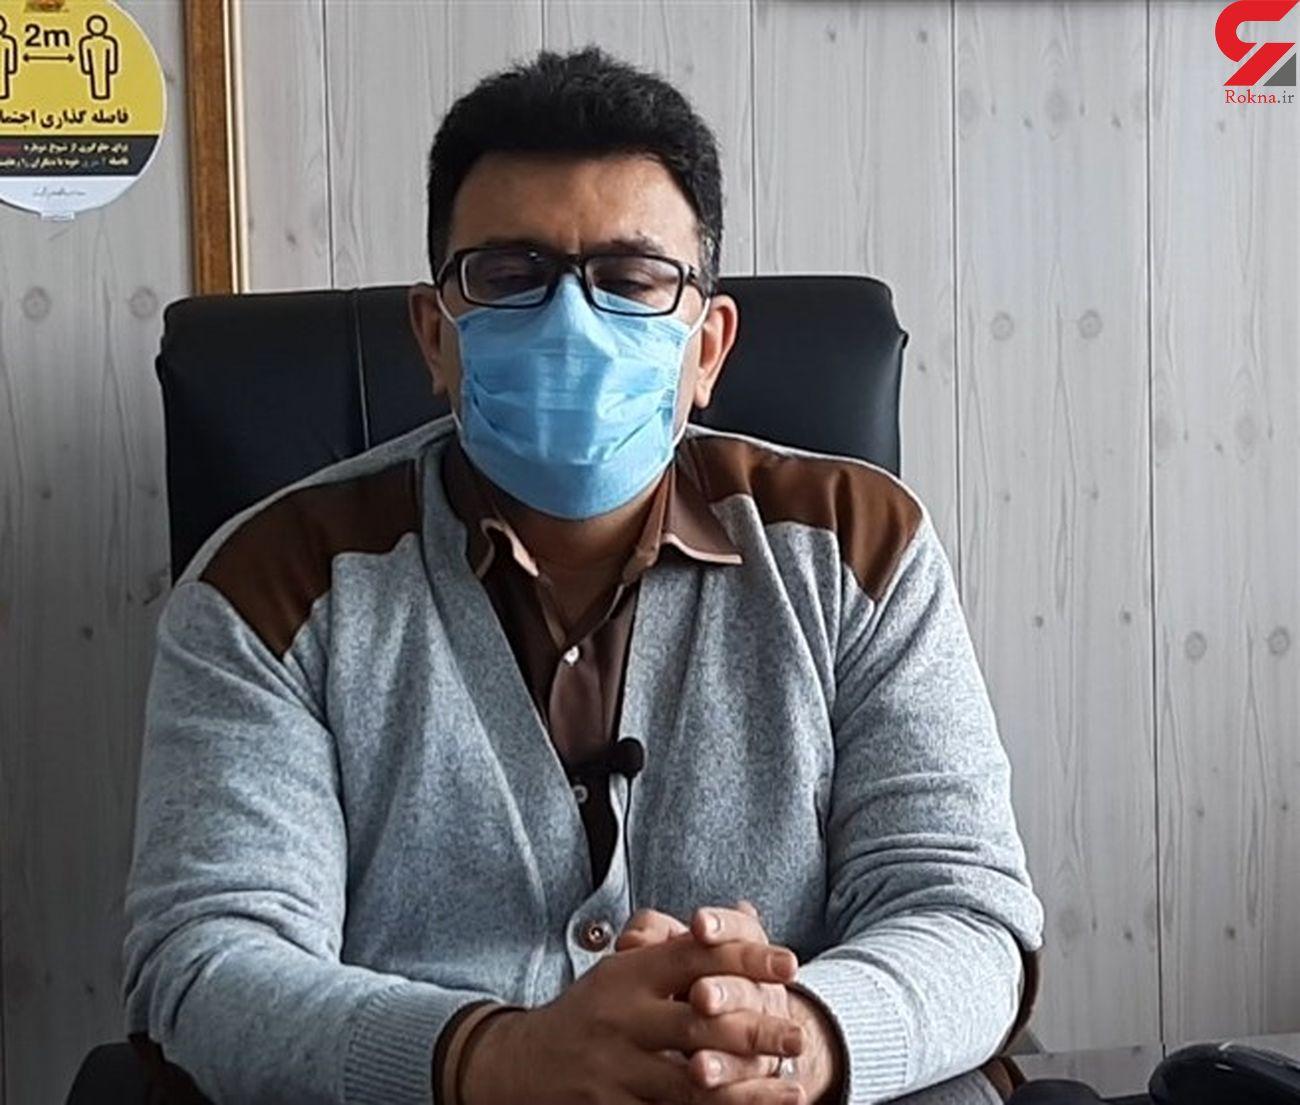 فستفودها و کافههای استان مرکزی نسبت به رعایت دستورالعملهای بهداشتی بیتفاوت هستند